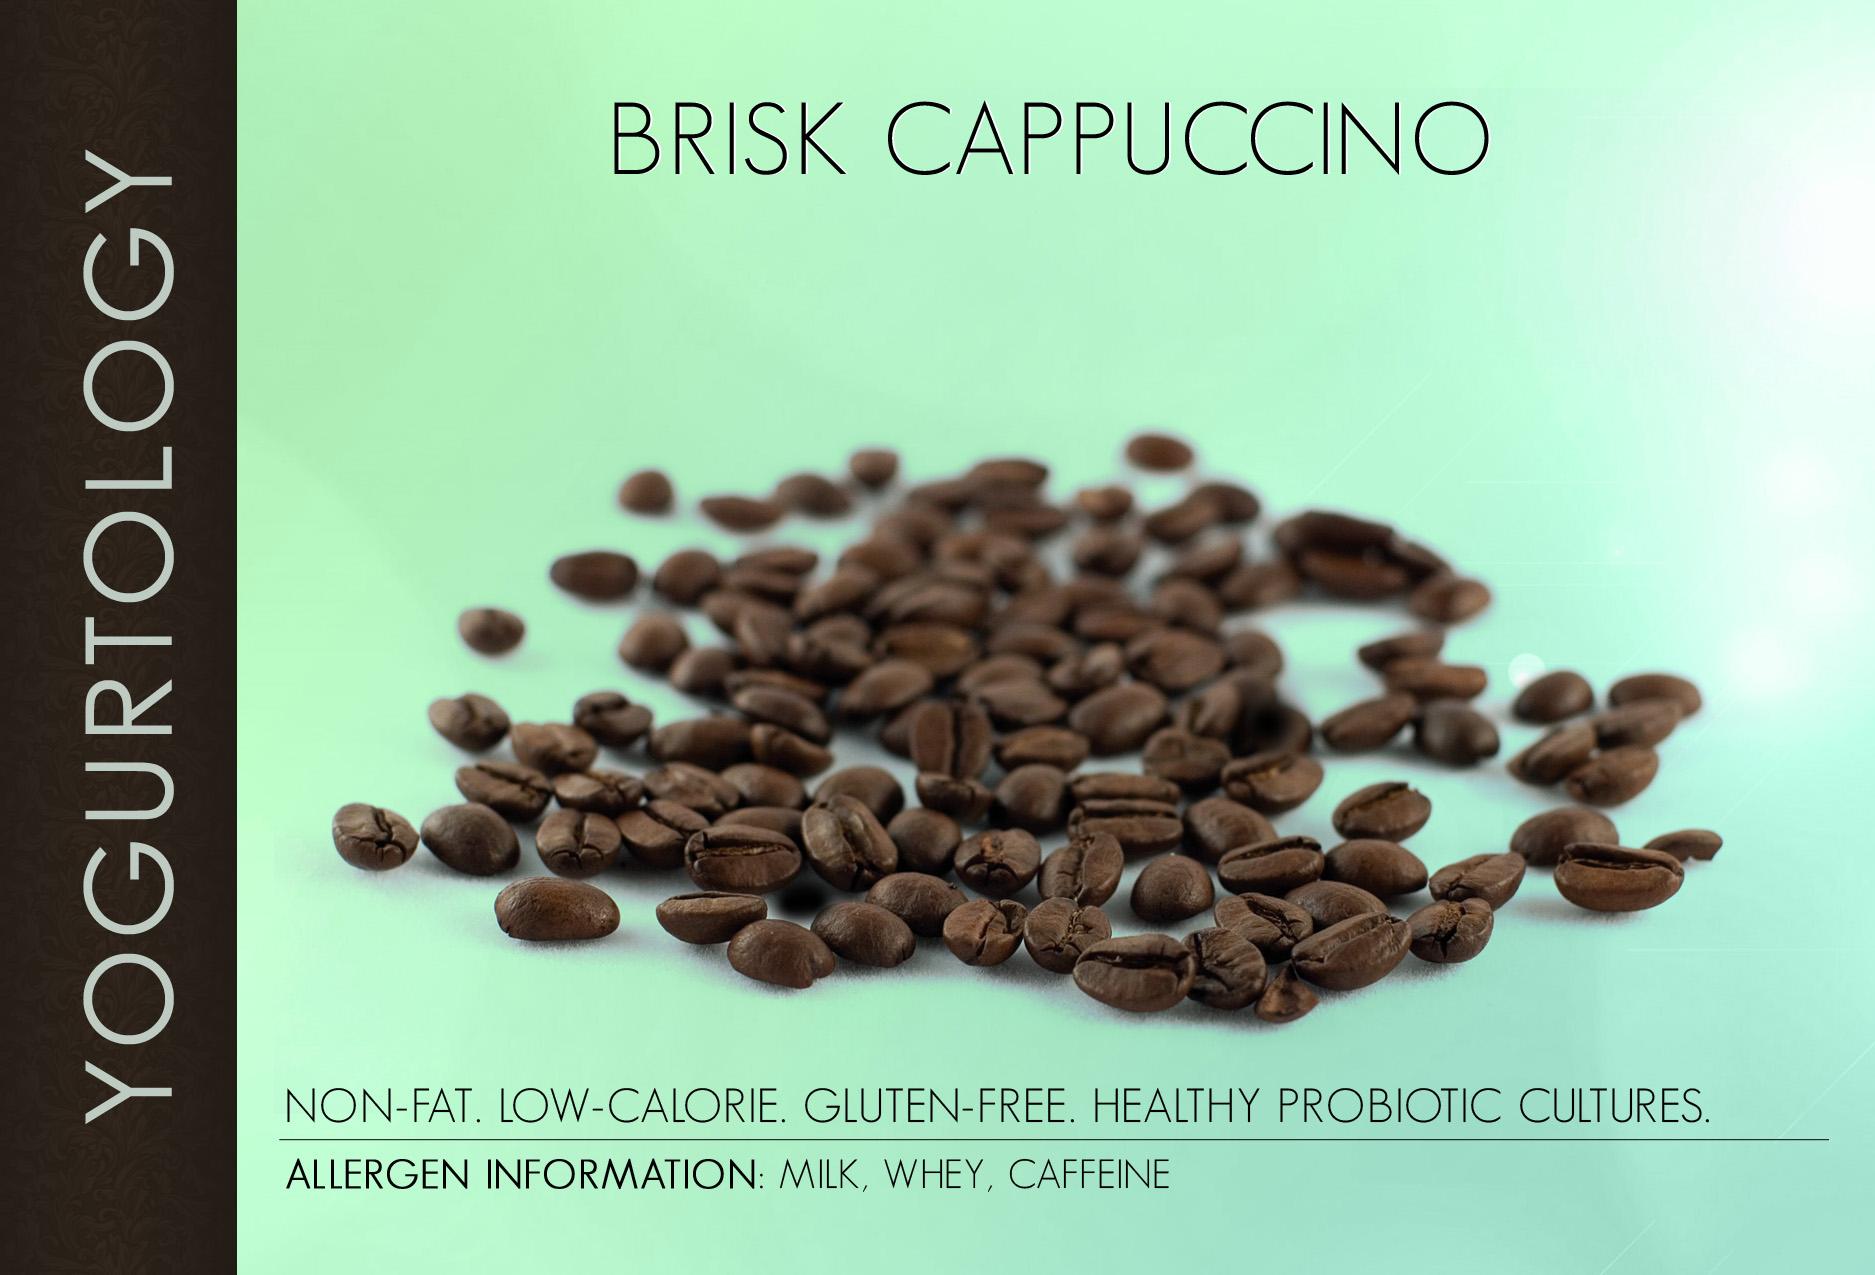 Brisk Cappuccino